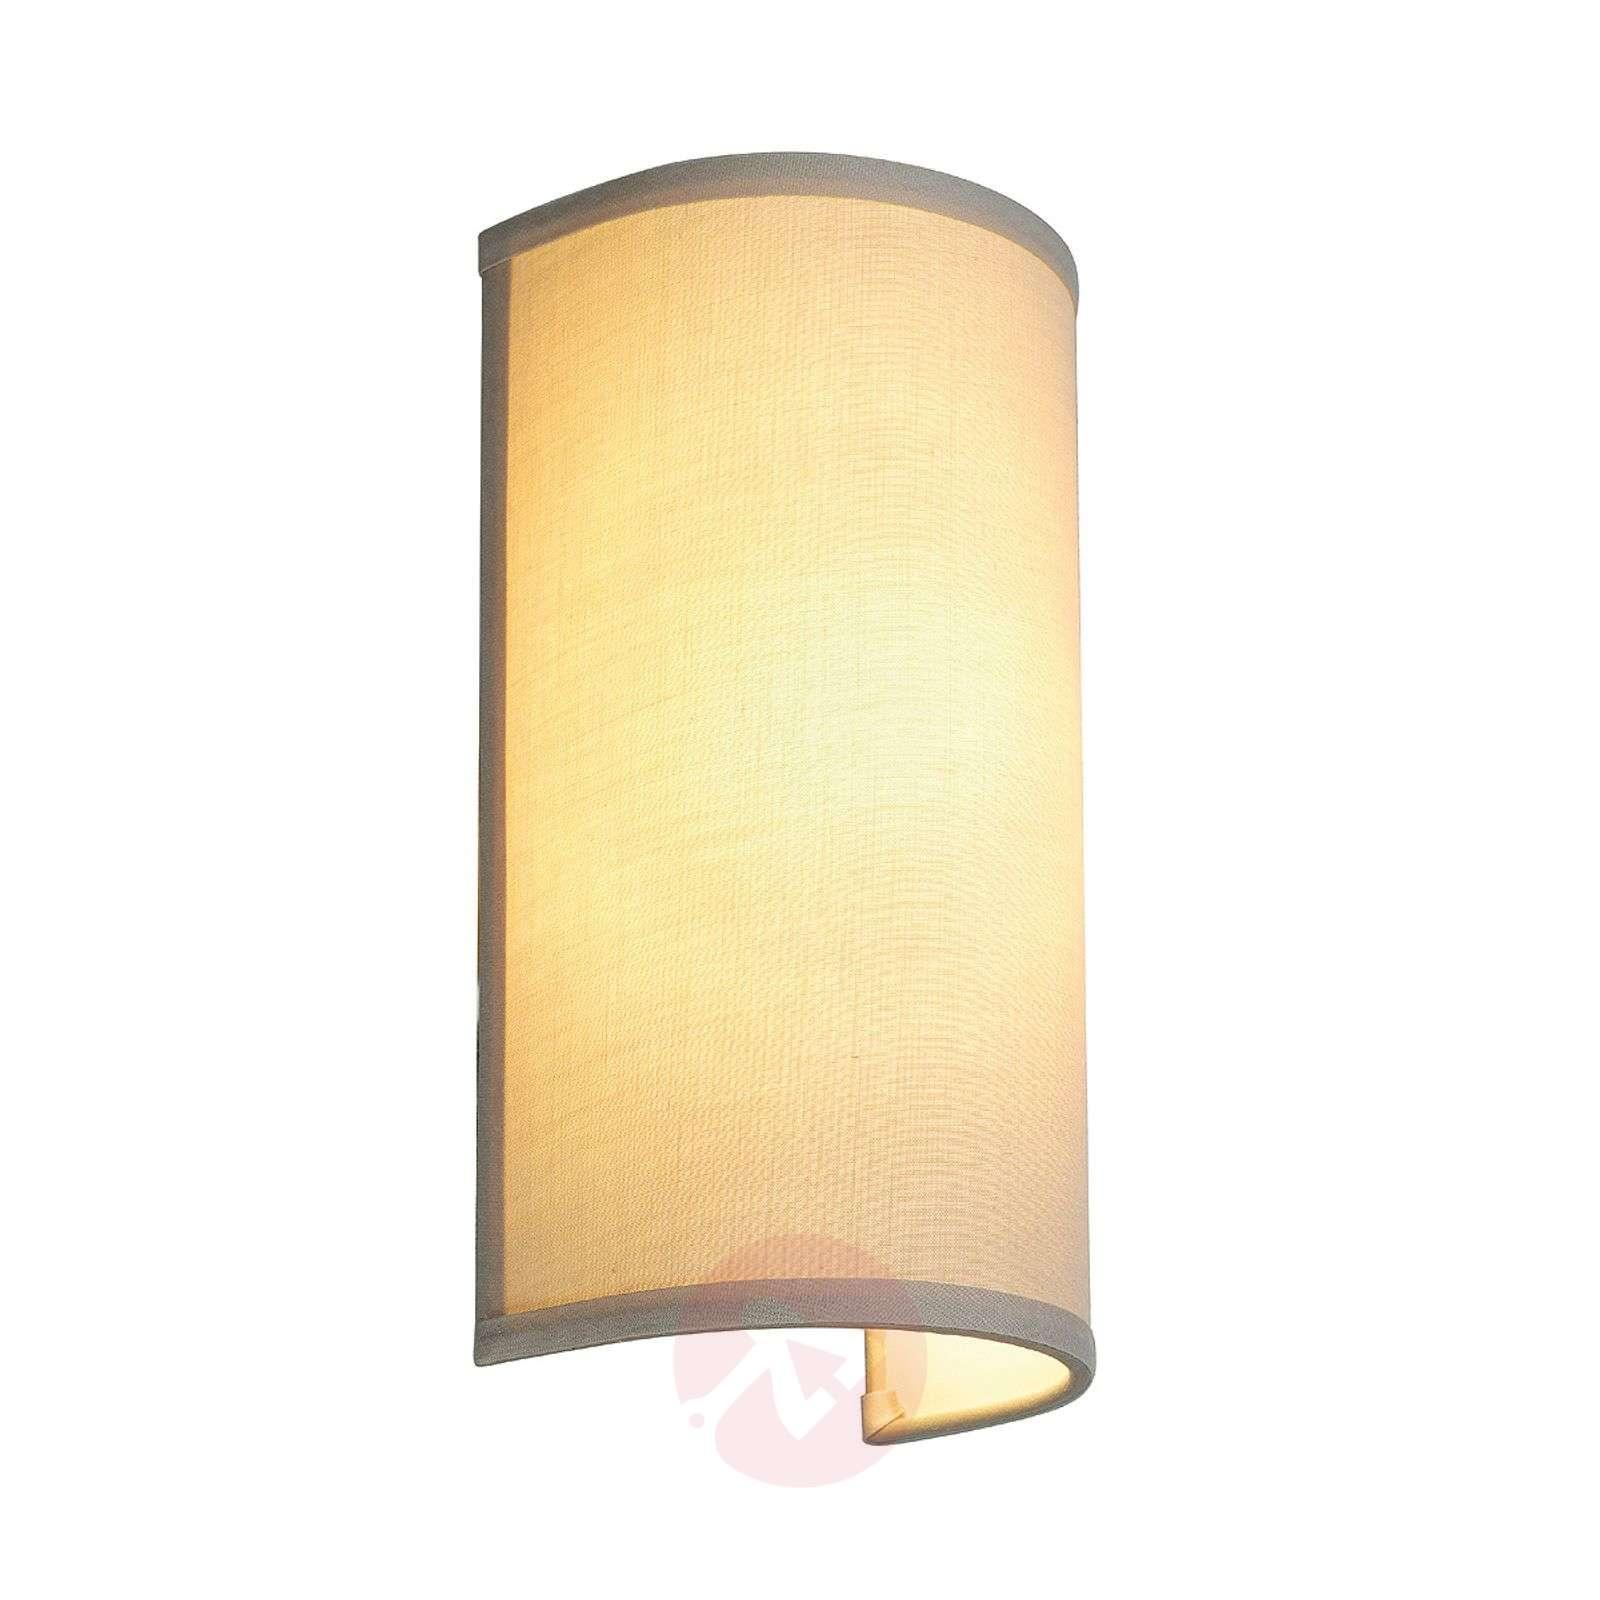 Pehmeää valoa säteilevät Soprana-seinävalaisin-5504416-01